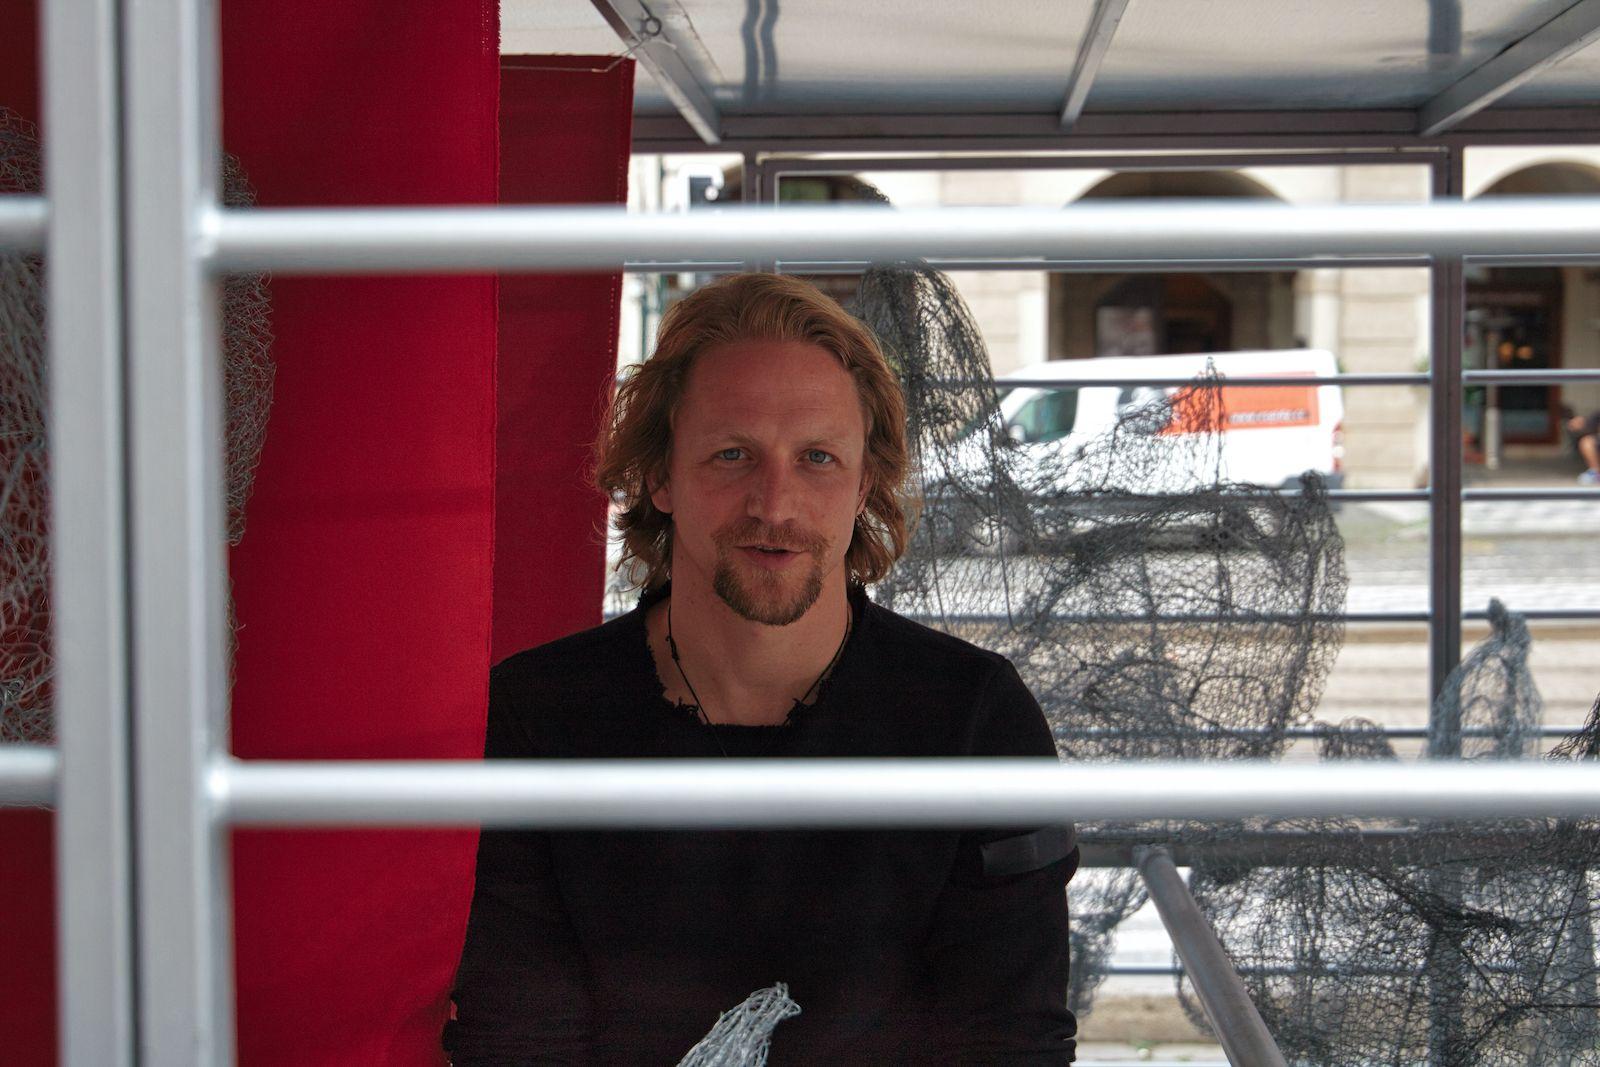 Tomáš Klus se zavřel na náměstí v Praze do klece. Protestoval proti klecovým chovům slepic